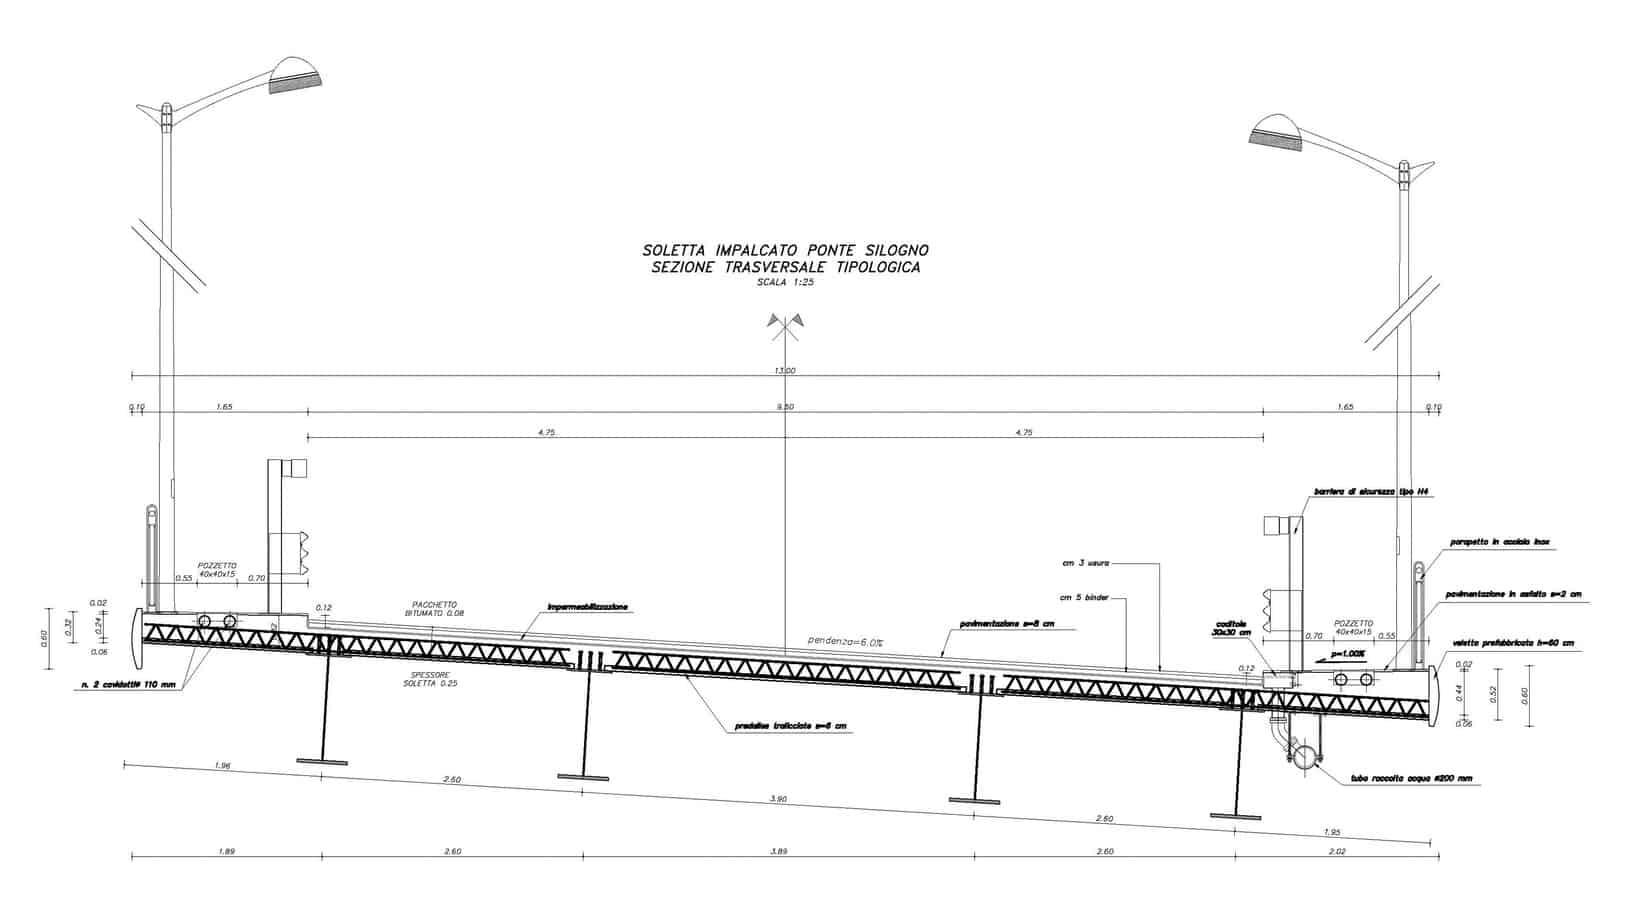 La sezione trasversale dell'impalcato del ponte Silogno